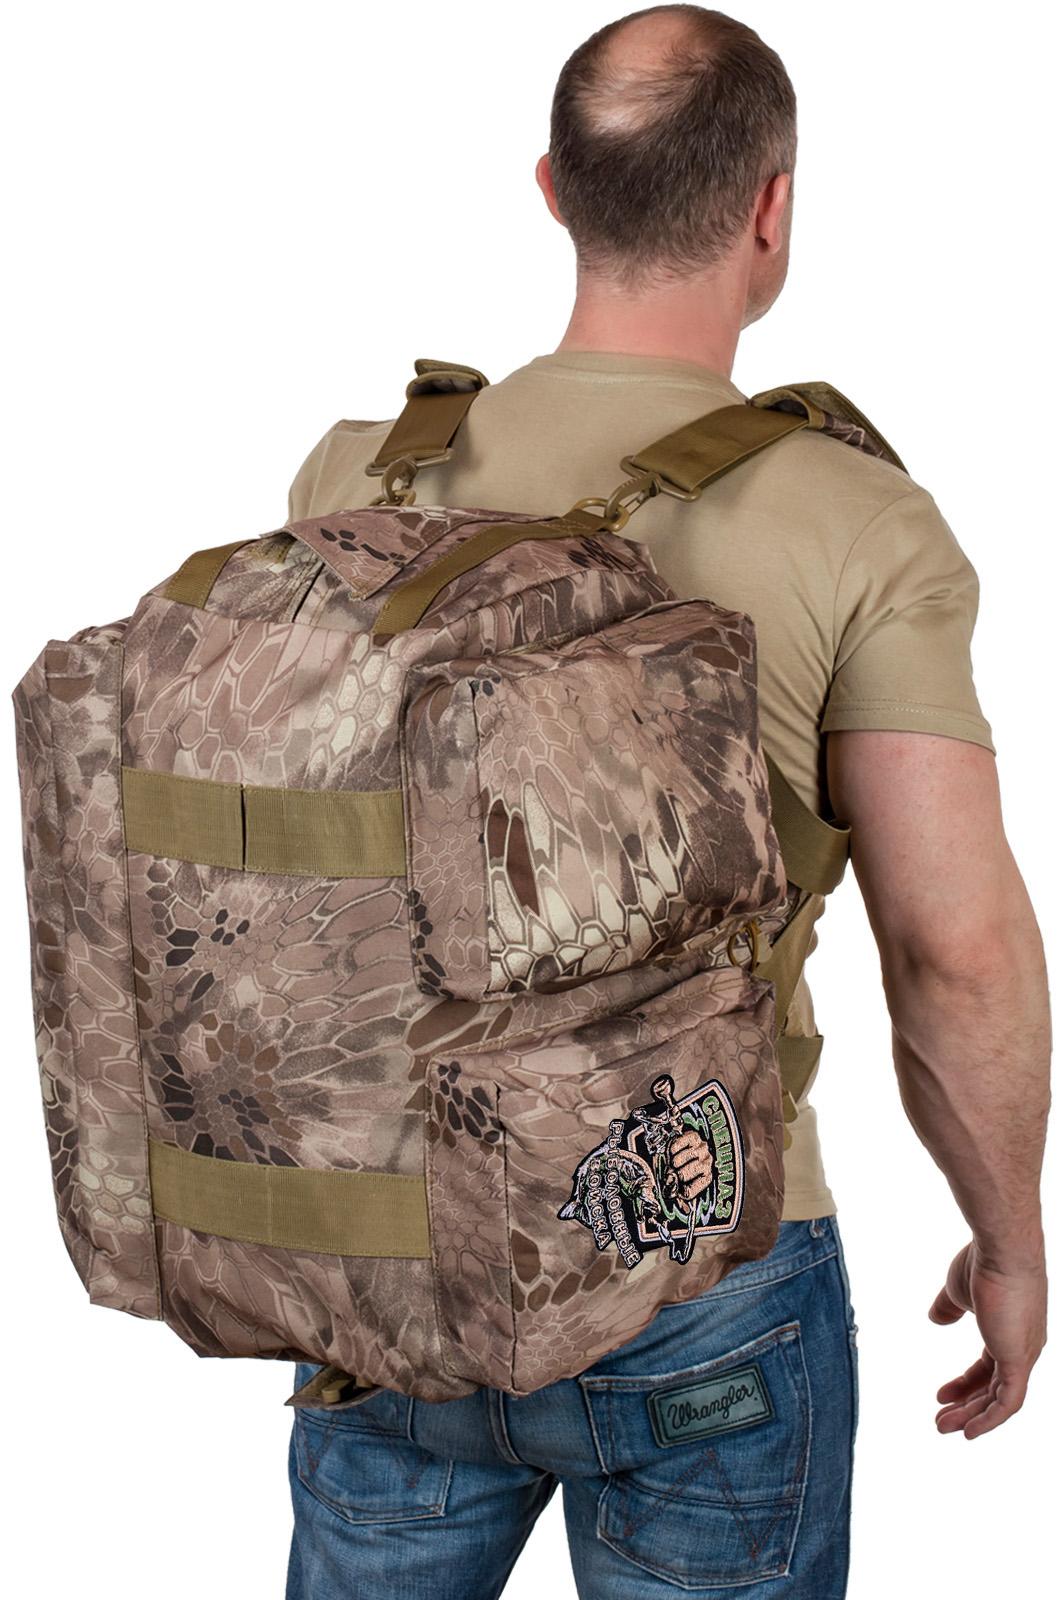 Дорожная сумка в камуфляже Kryptek Nomad с шевроном Рыболовного спецназа купить по приемлемой цене